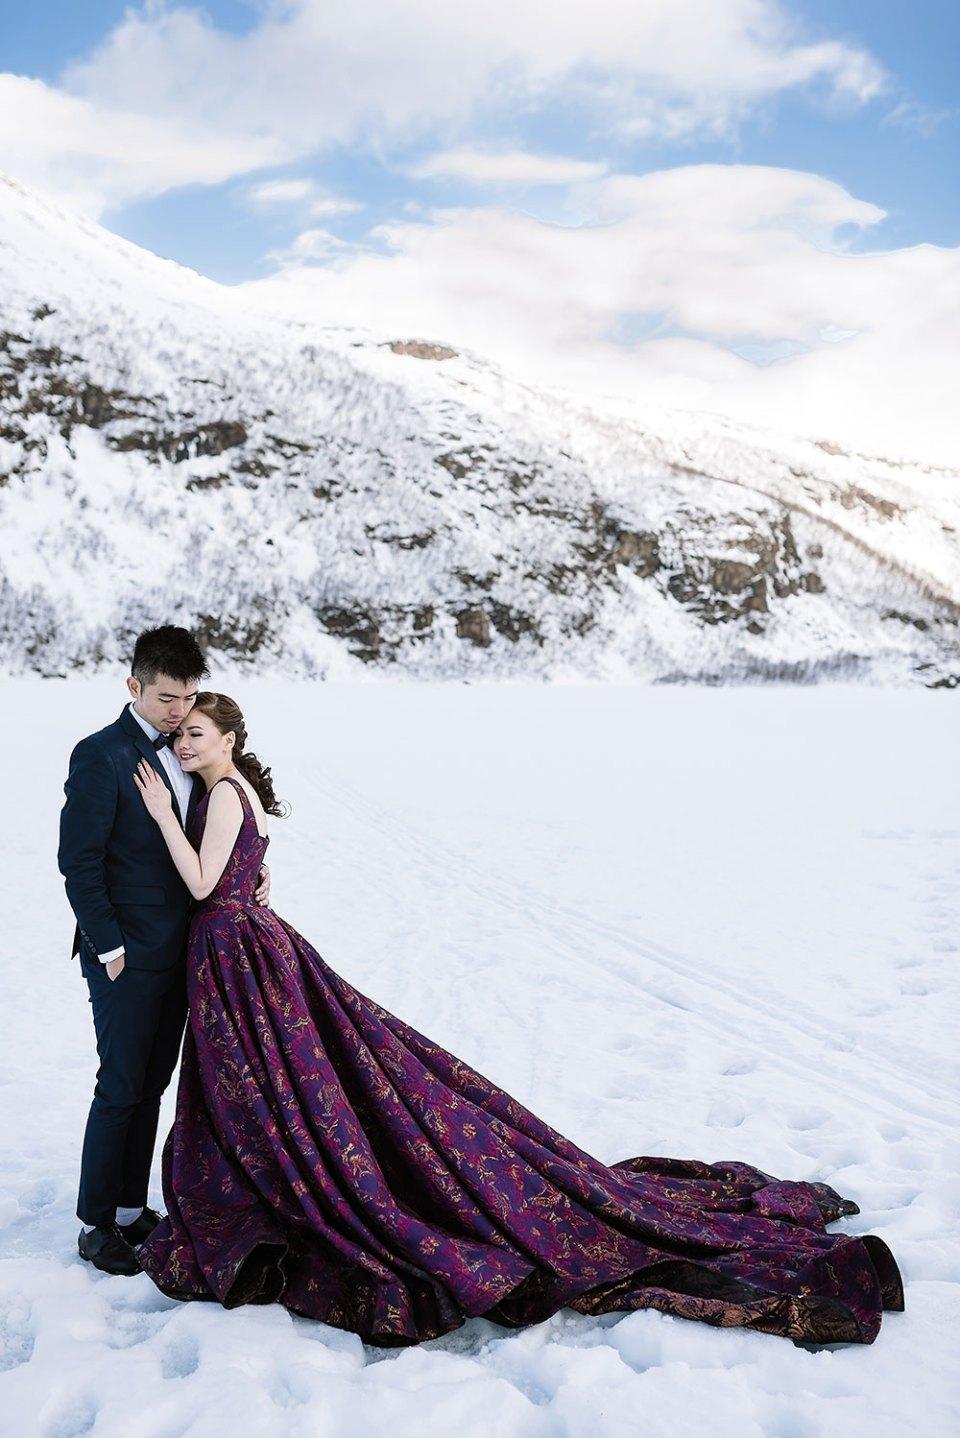 Photo by Sheerss. www.theweddingnotebook.com